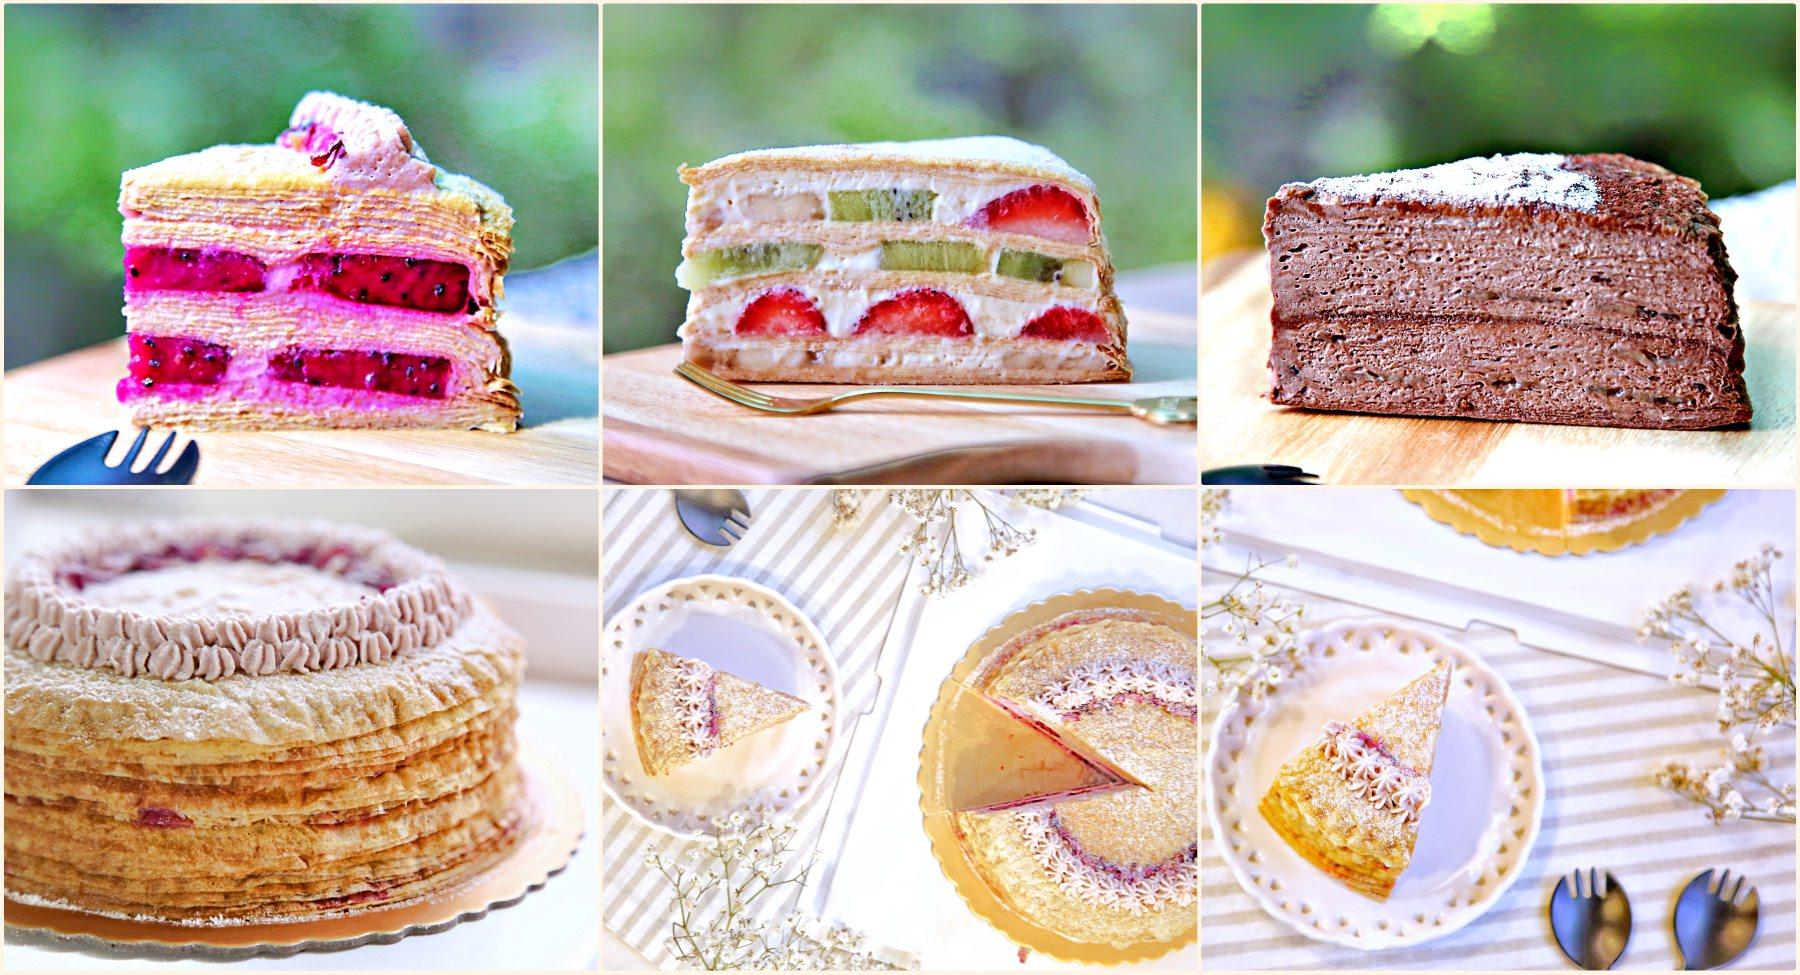 [臉書隱藏版]稍甜 SyrupLess ♥ 台灣的HARBS 水果手工千層蛋糕 抹茶甜點 每日限量網購甜點 需預約制搶購! ♥ Joyce食尚樂活。餐桌記